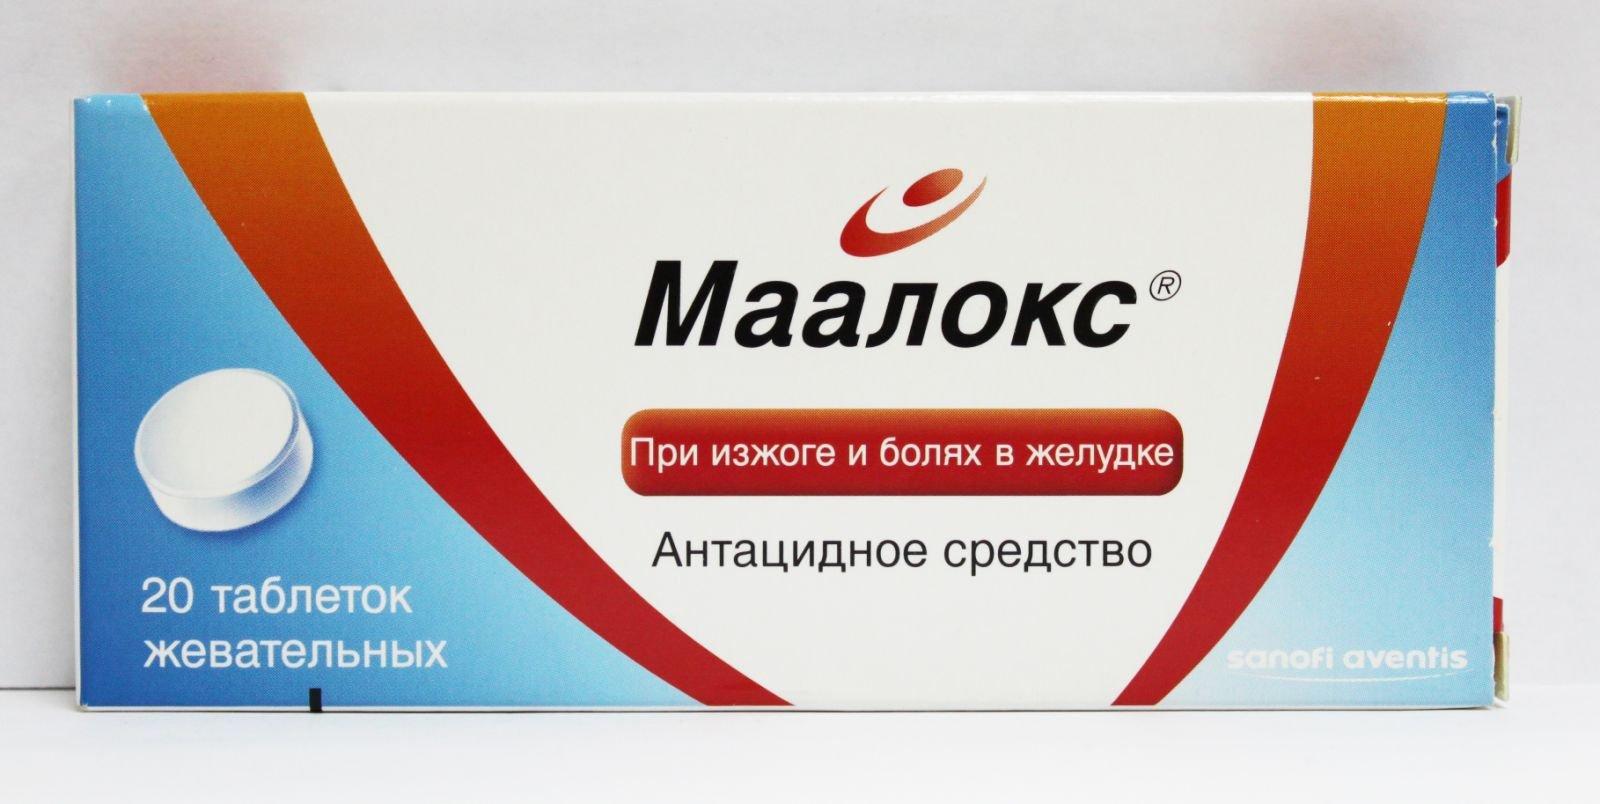 Таблетки от изжоги дешевые российские